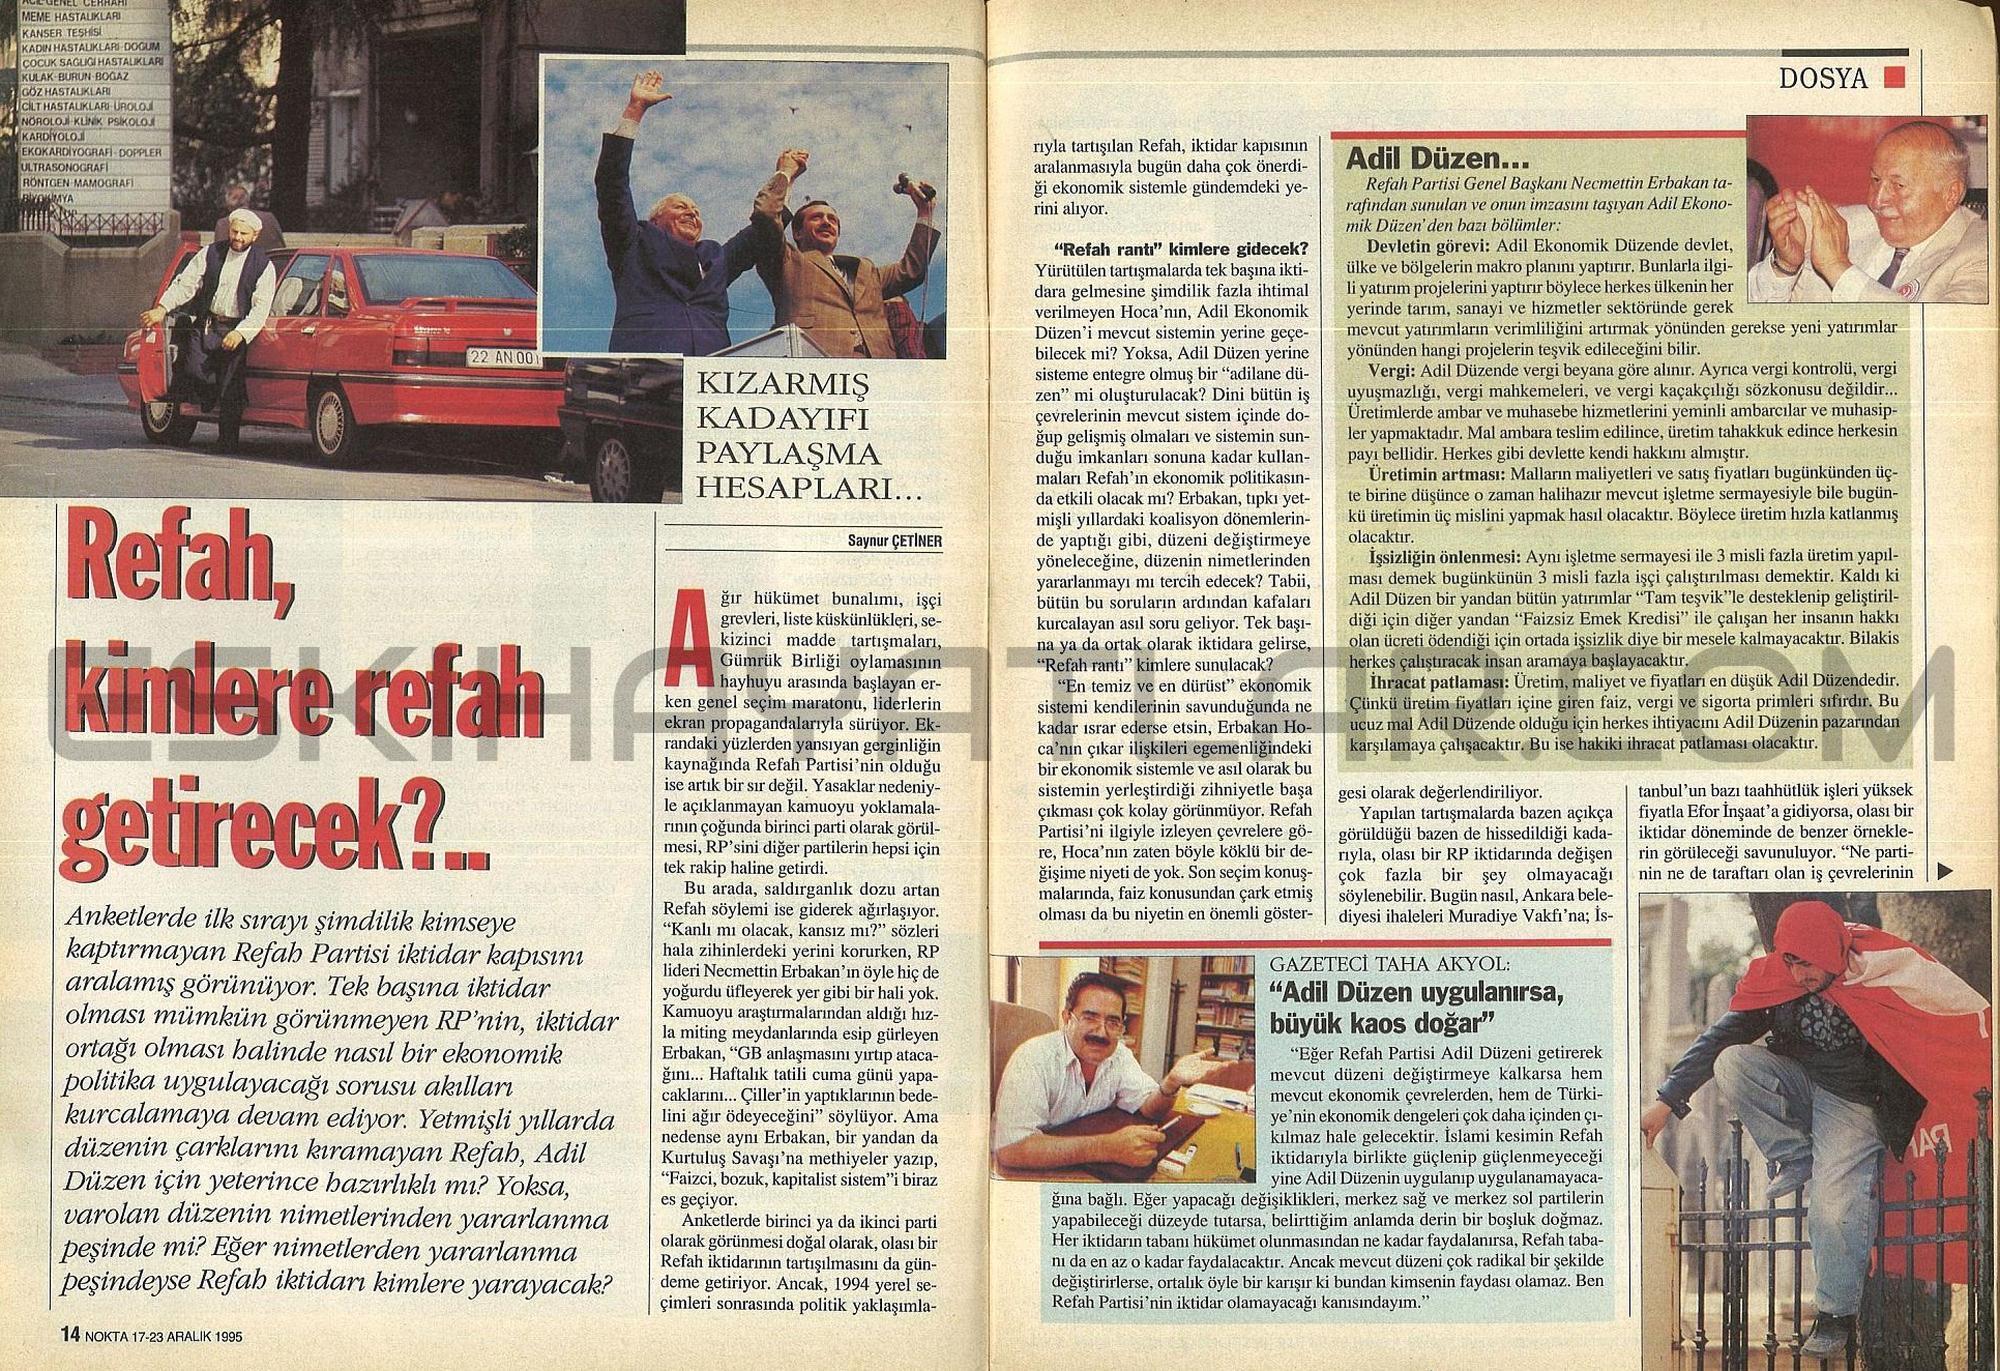 refah-partisi-1995-yilinda-secimleri-nasil-kazandi-necmettin-erbakan-tayyip-erdogan (1)